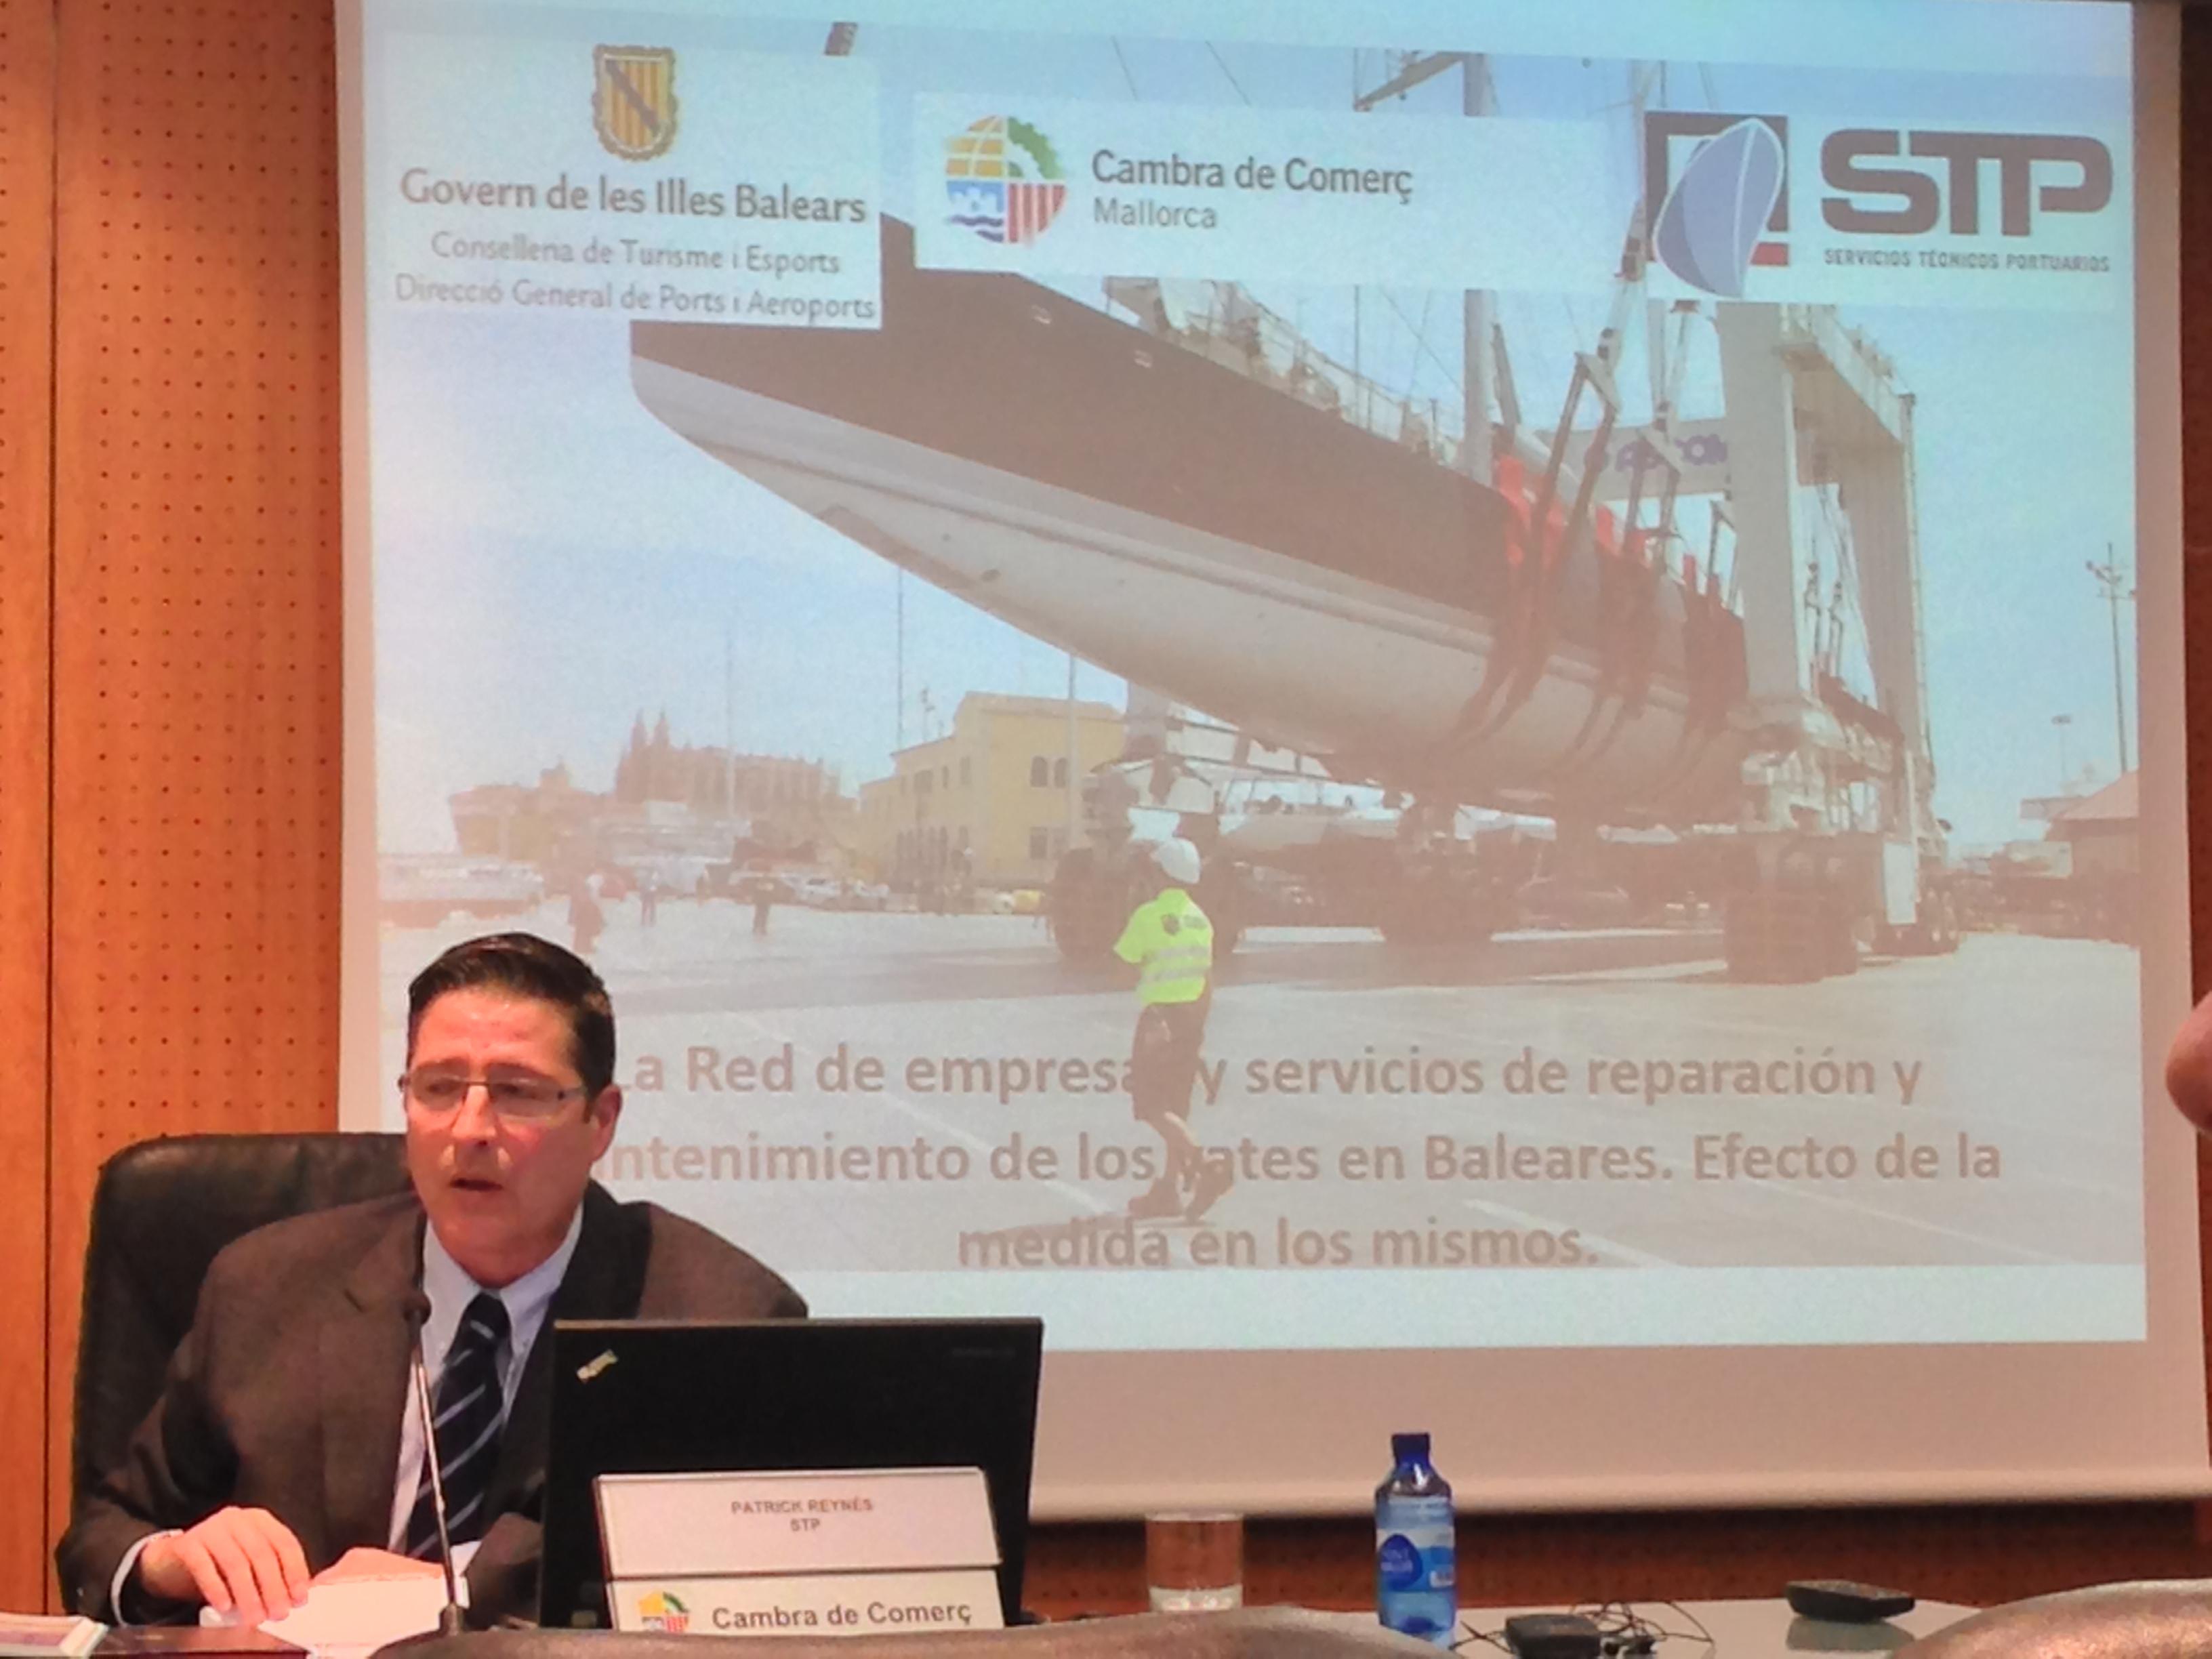 s-t-p-participa-en-una-interesante-jornada-sobre-las-perspectivas-náuticas-organizada-por-el-govern-en-la-cámara-de-comercio-de-palma-de-mallorca